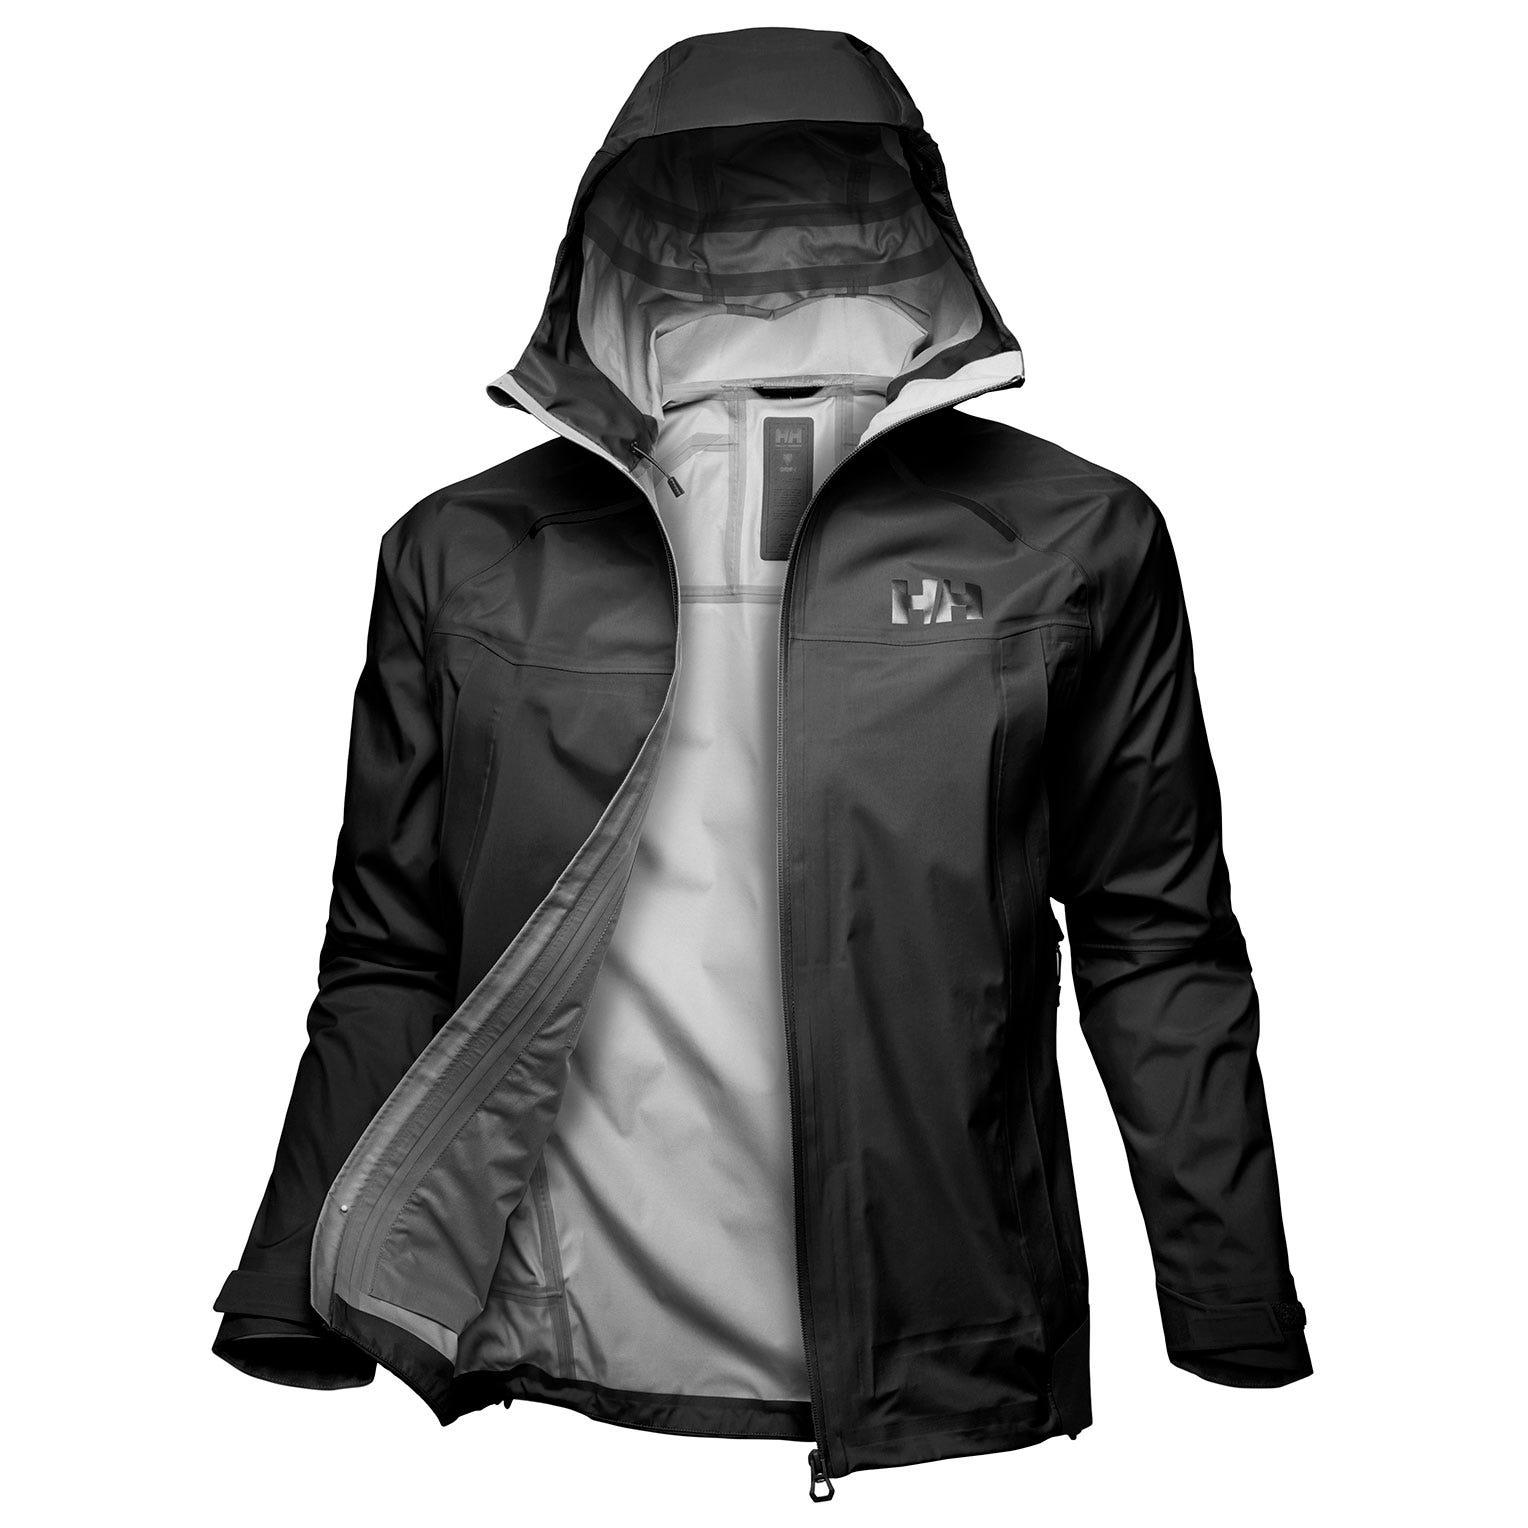 Helly Hansen Odin 9 Worlds Jacket Mens Hiking Black XL